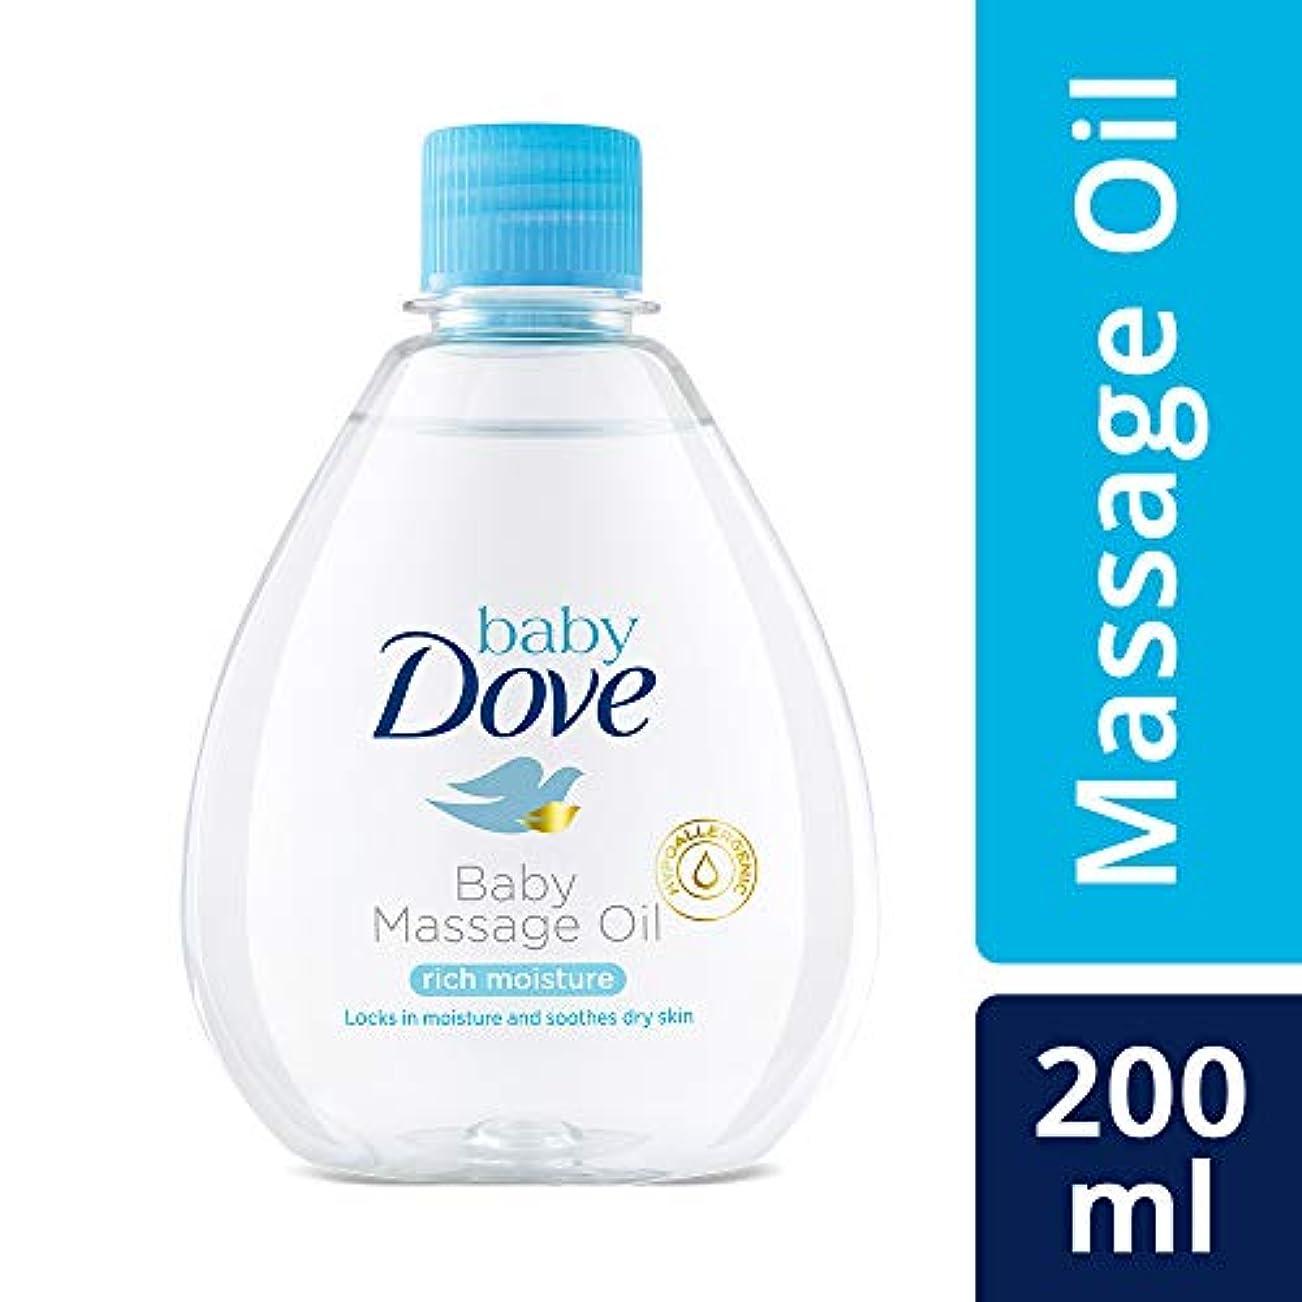 シーサイドパール不健全Baby Dove Rich Moisture Baby Massage Oil, 200ml